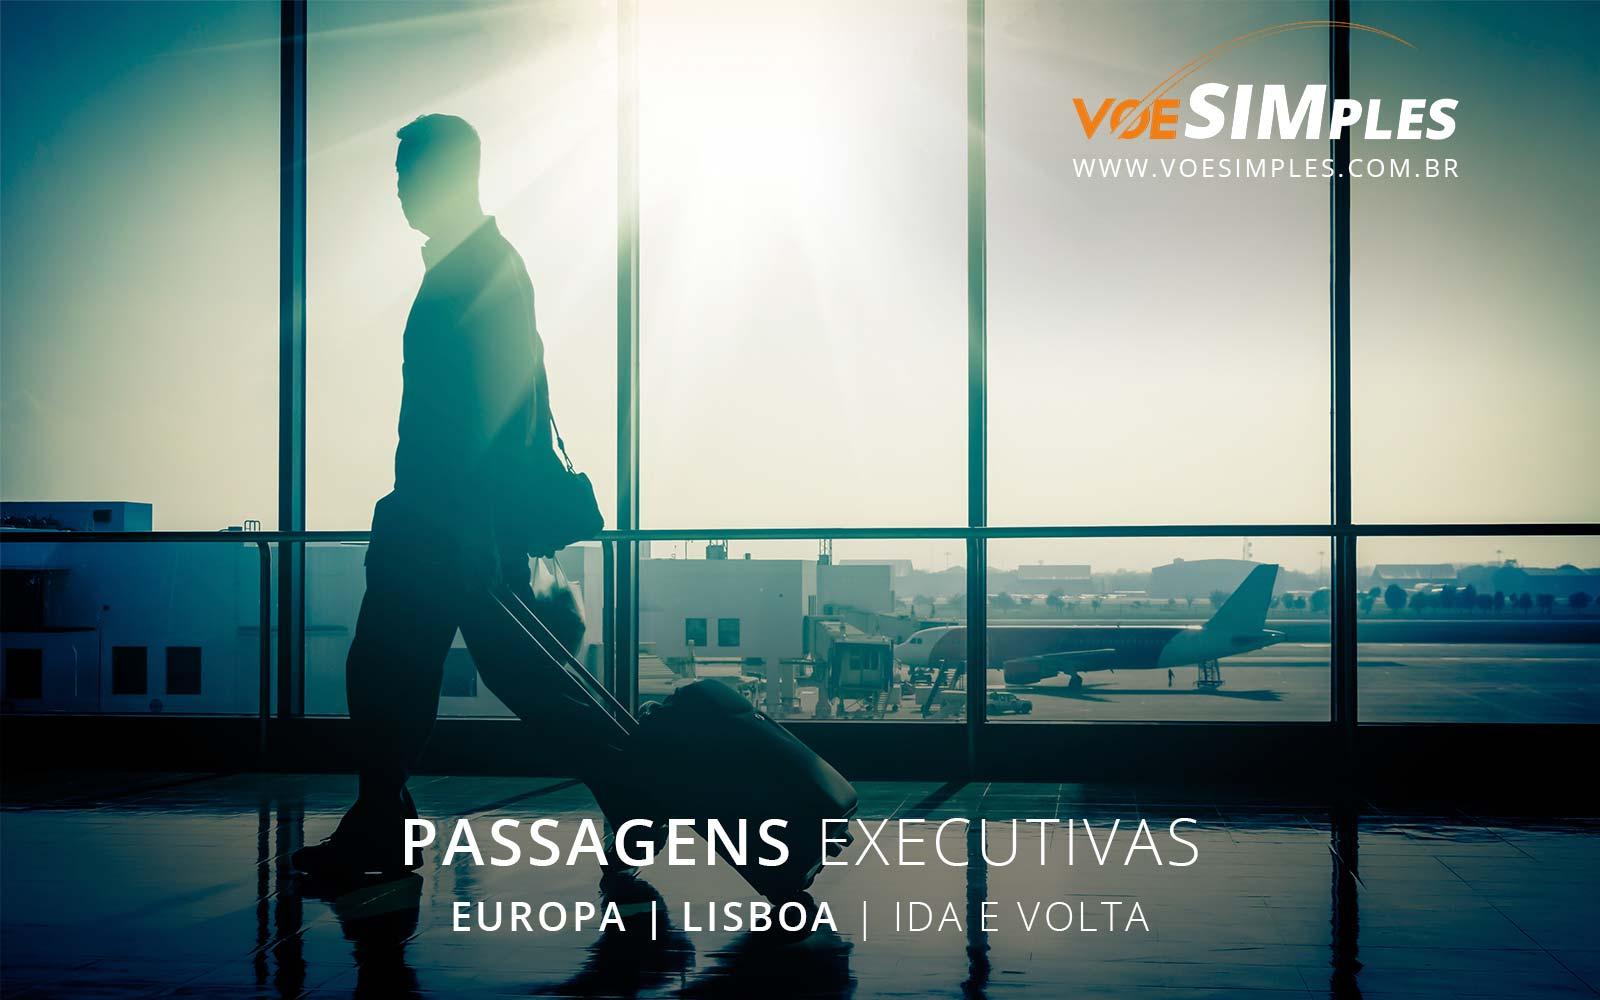 Passagem aérea classe executiva Air France e KLM